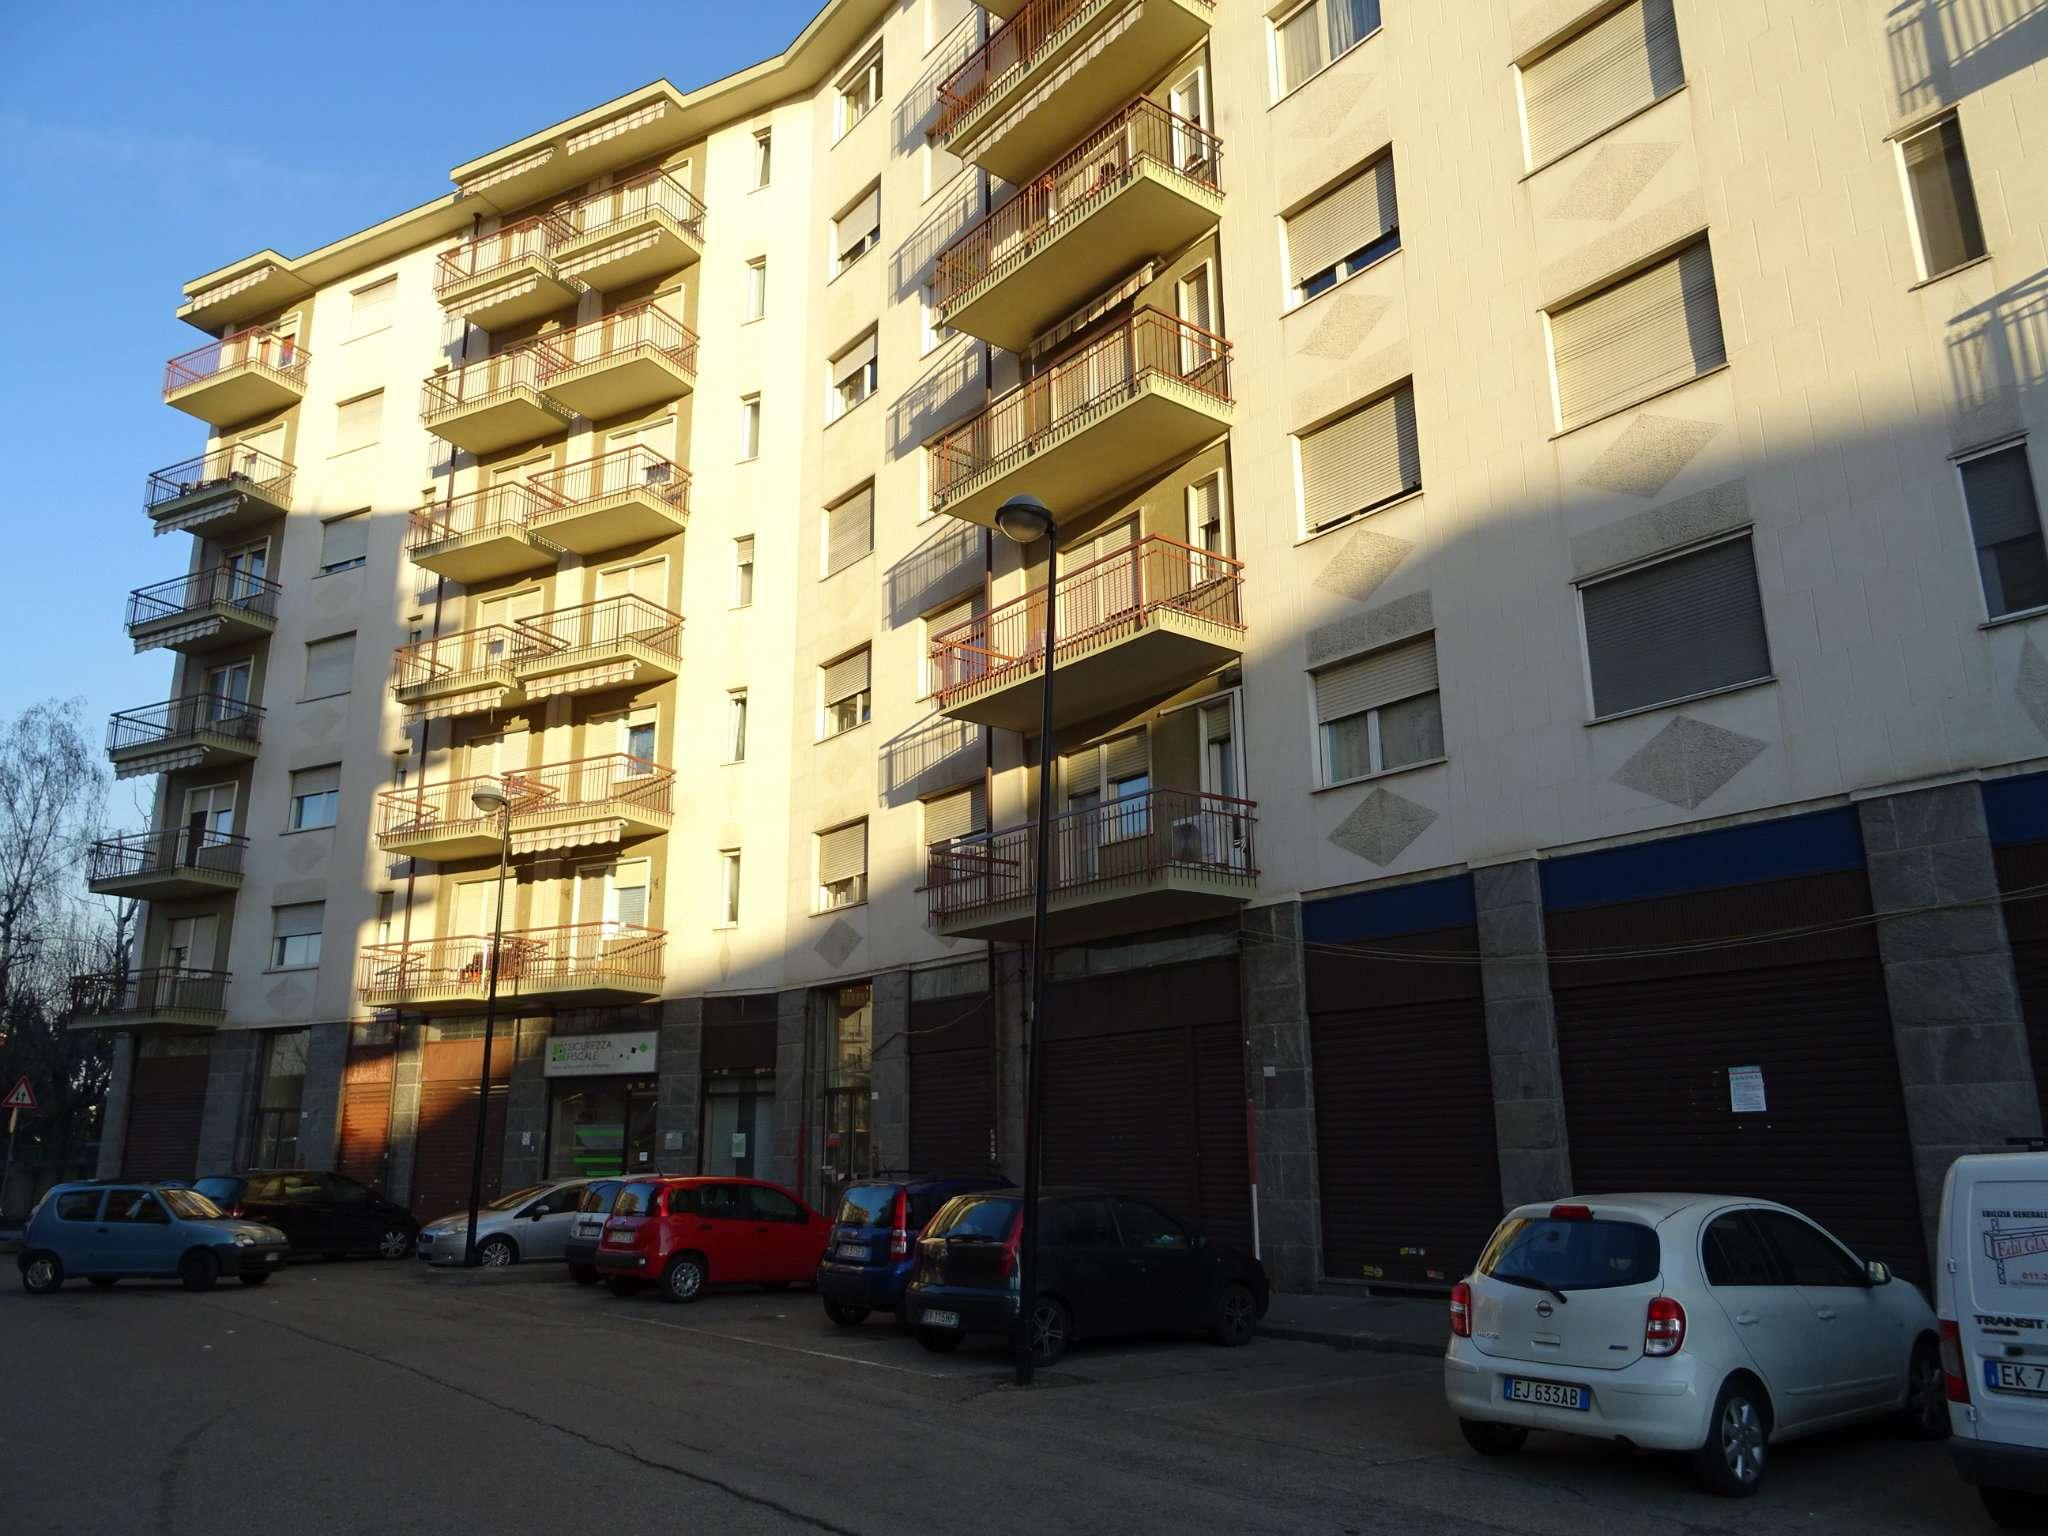 Immagine immobiliare Nelle vicinanze di Strada Torino, a poca distanza dal Comune di Beinasco, vendiamo un negozio luminoso composto da un locale con 2 vetrine, un